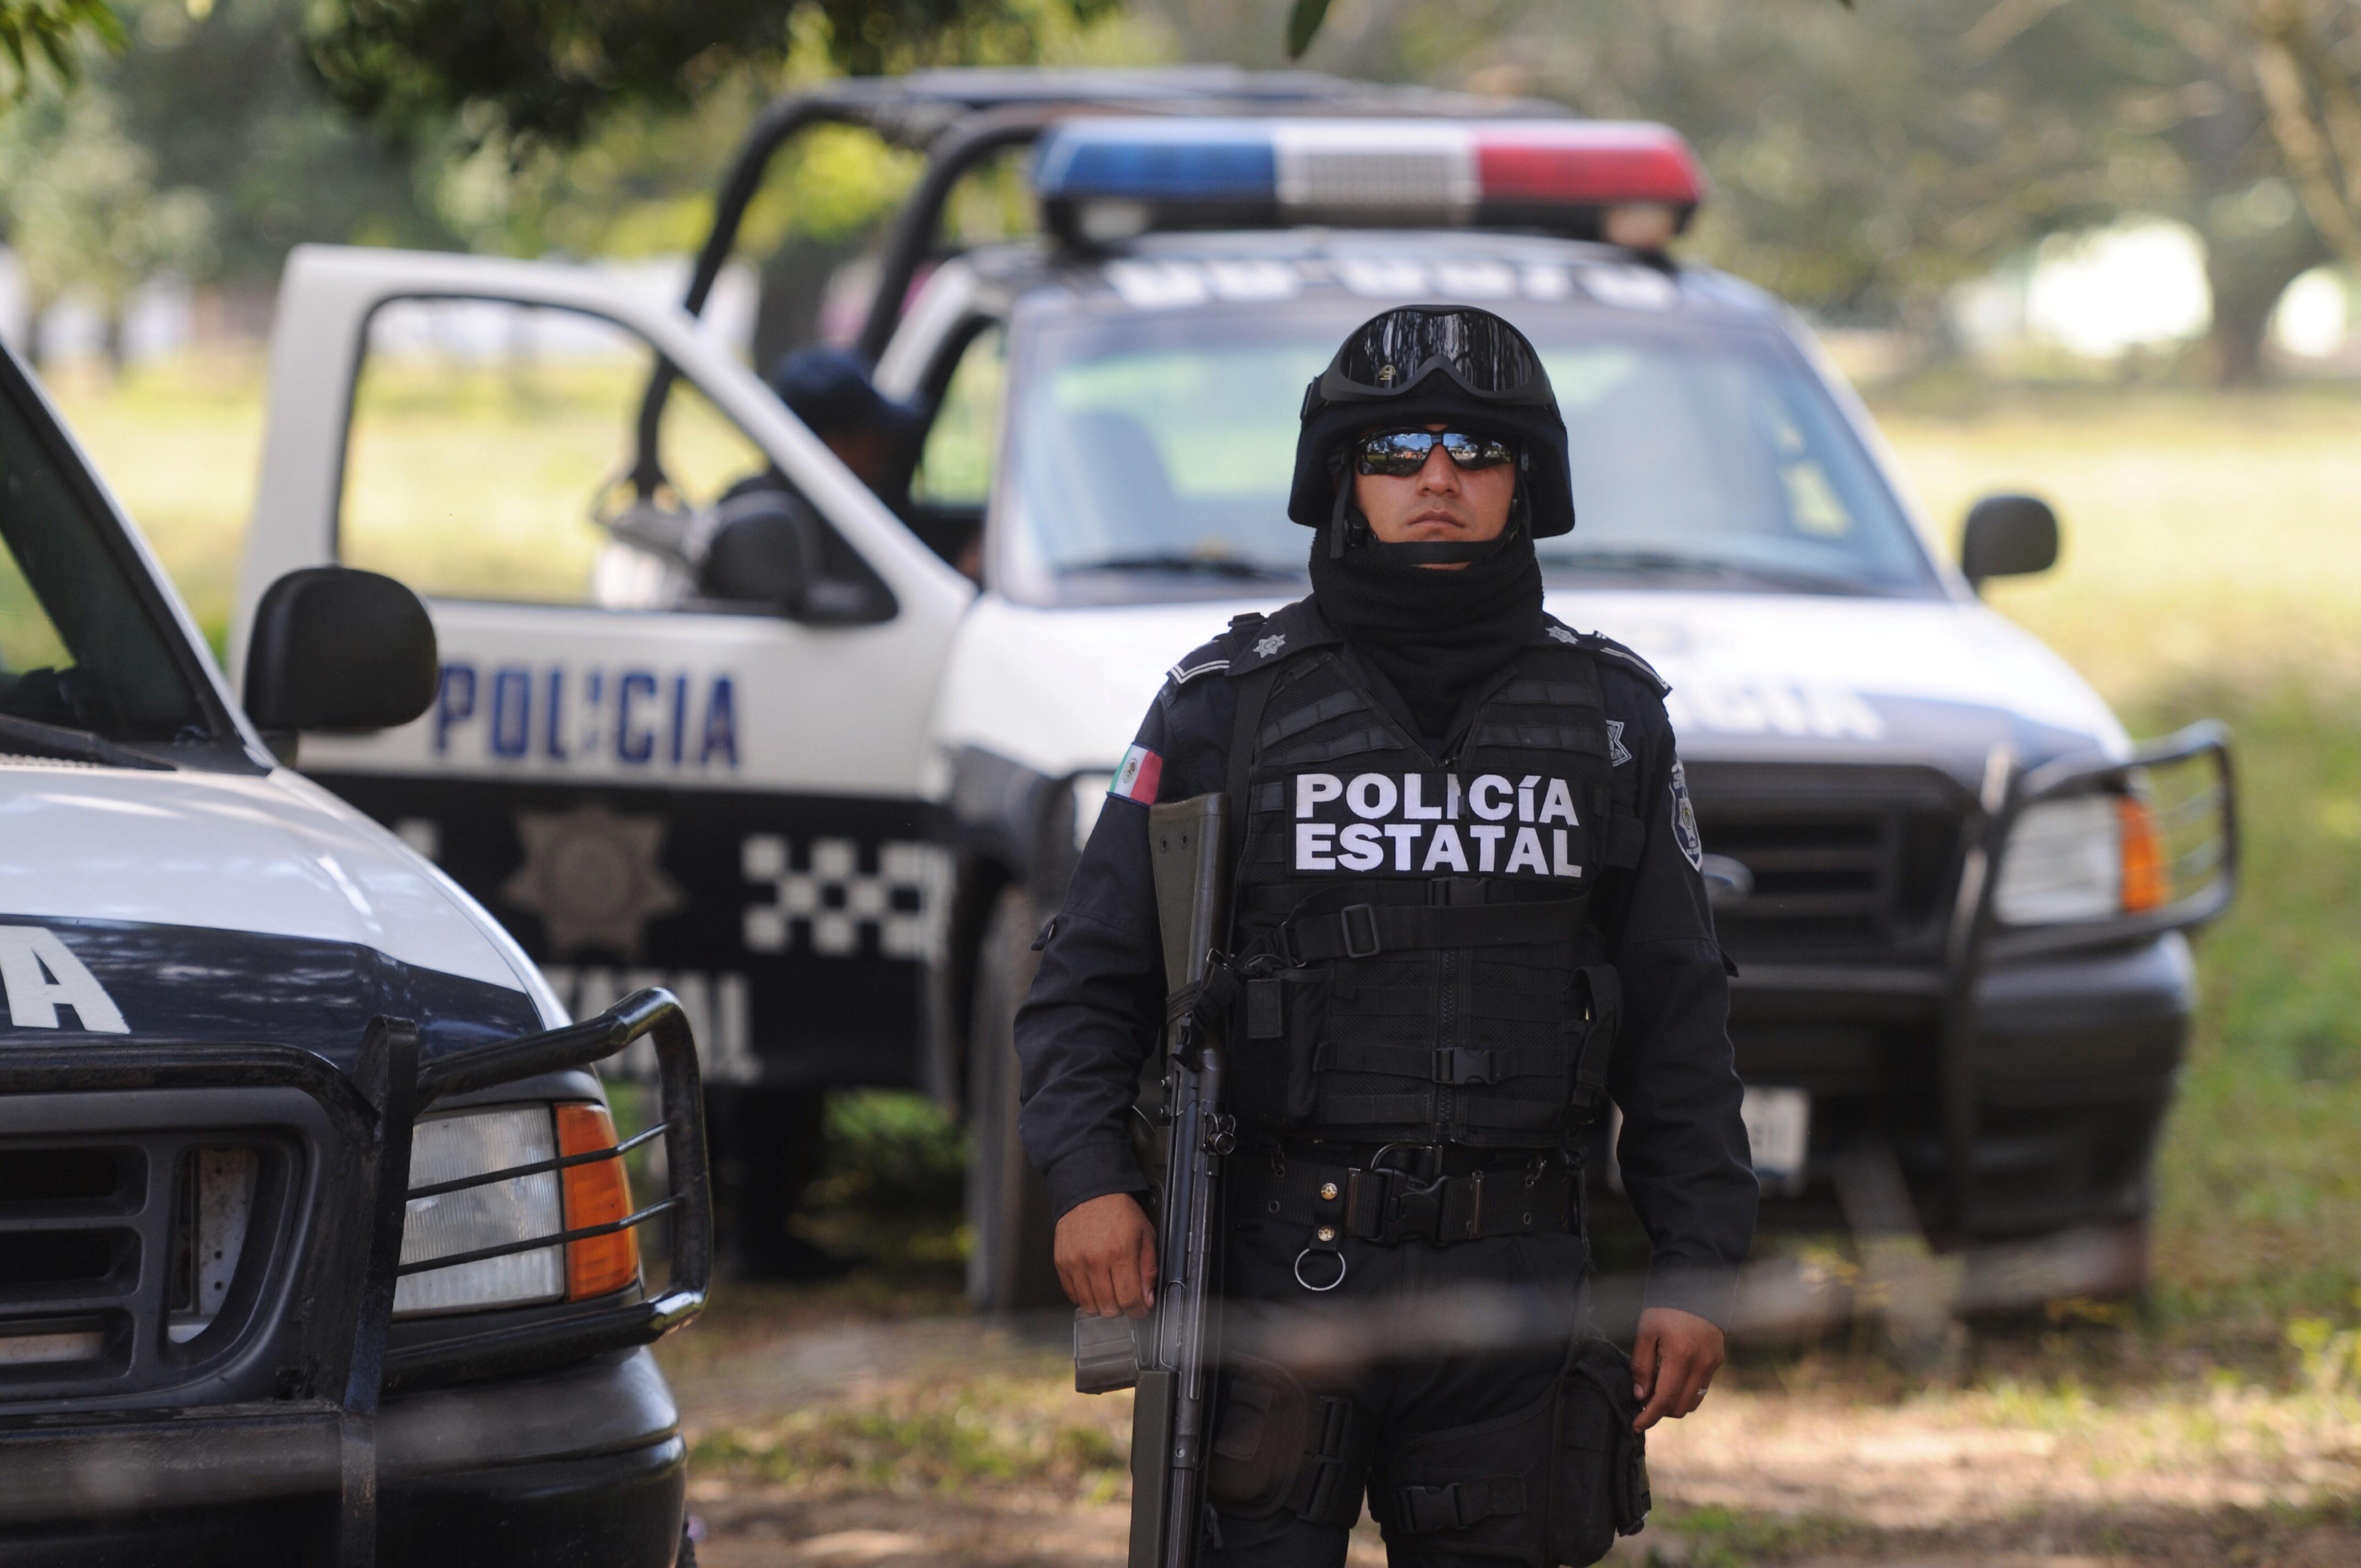 Policías estatales son acusados de saquear rancho en Oaxaca